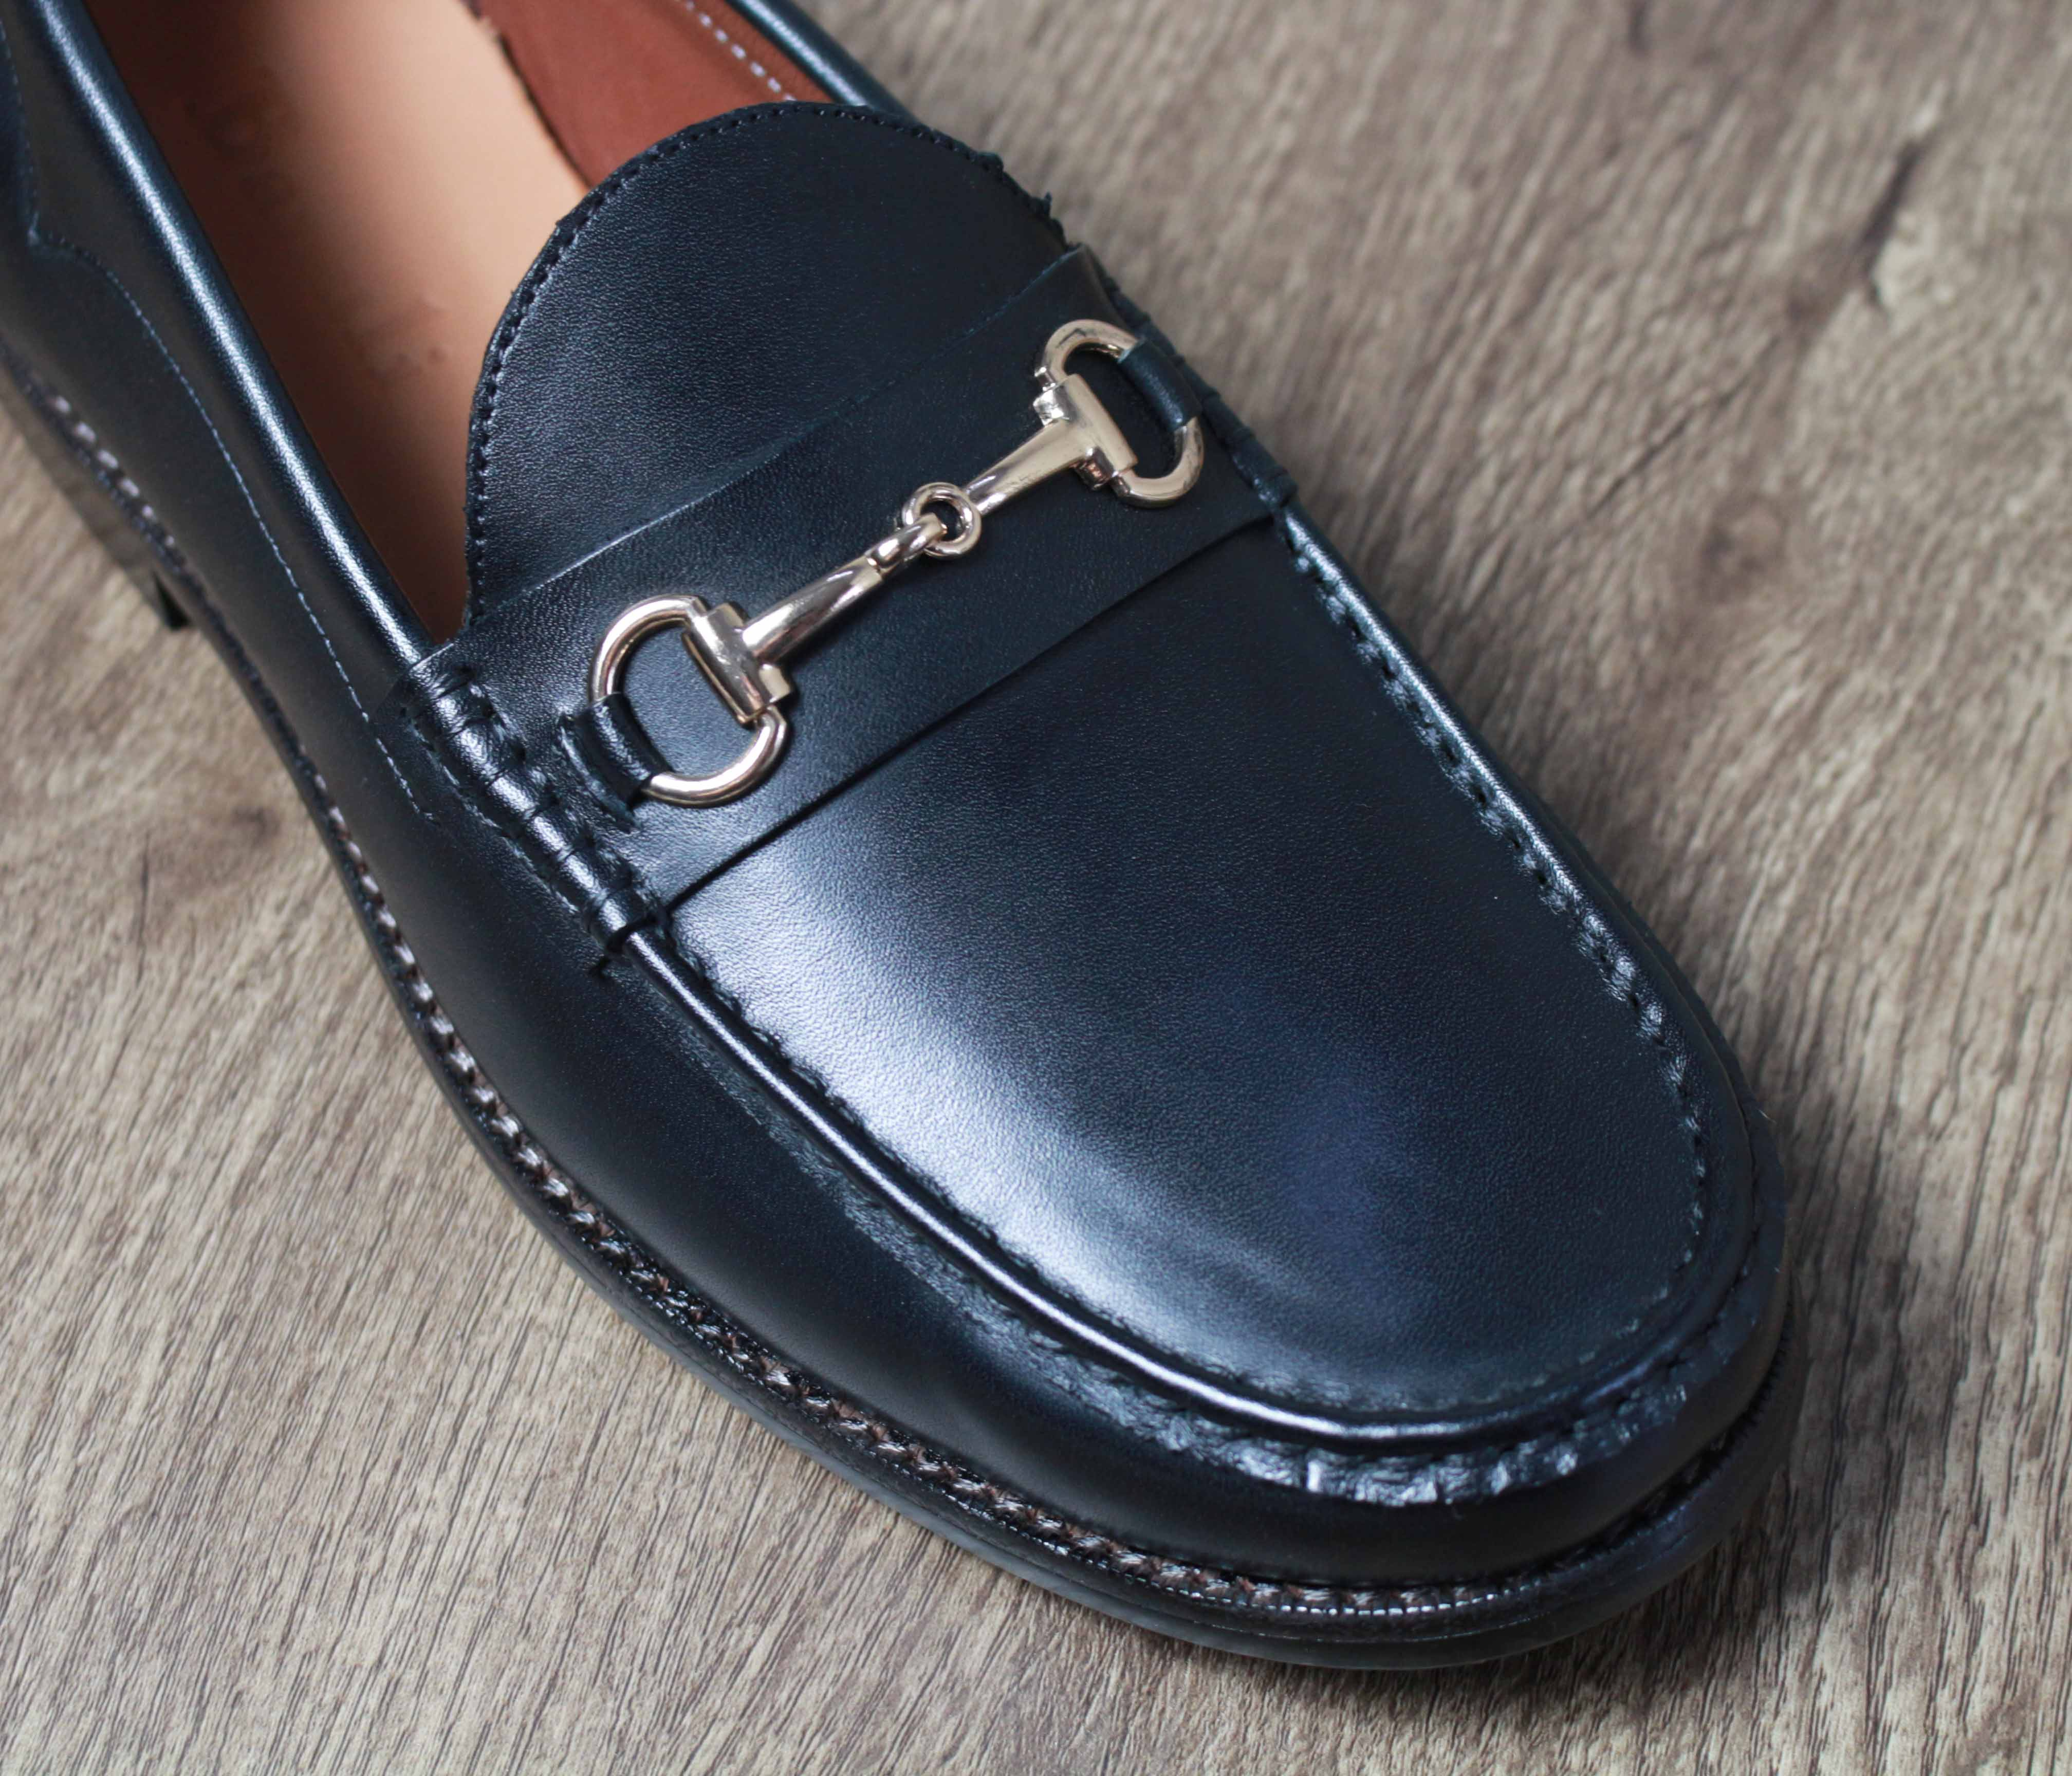 Giày nam cao cấp chính hãng BANULI, kiểu giày tây công sở lười HDPL2M0 da bò Ý, đế pháp cao su tự nhiên